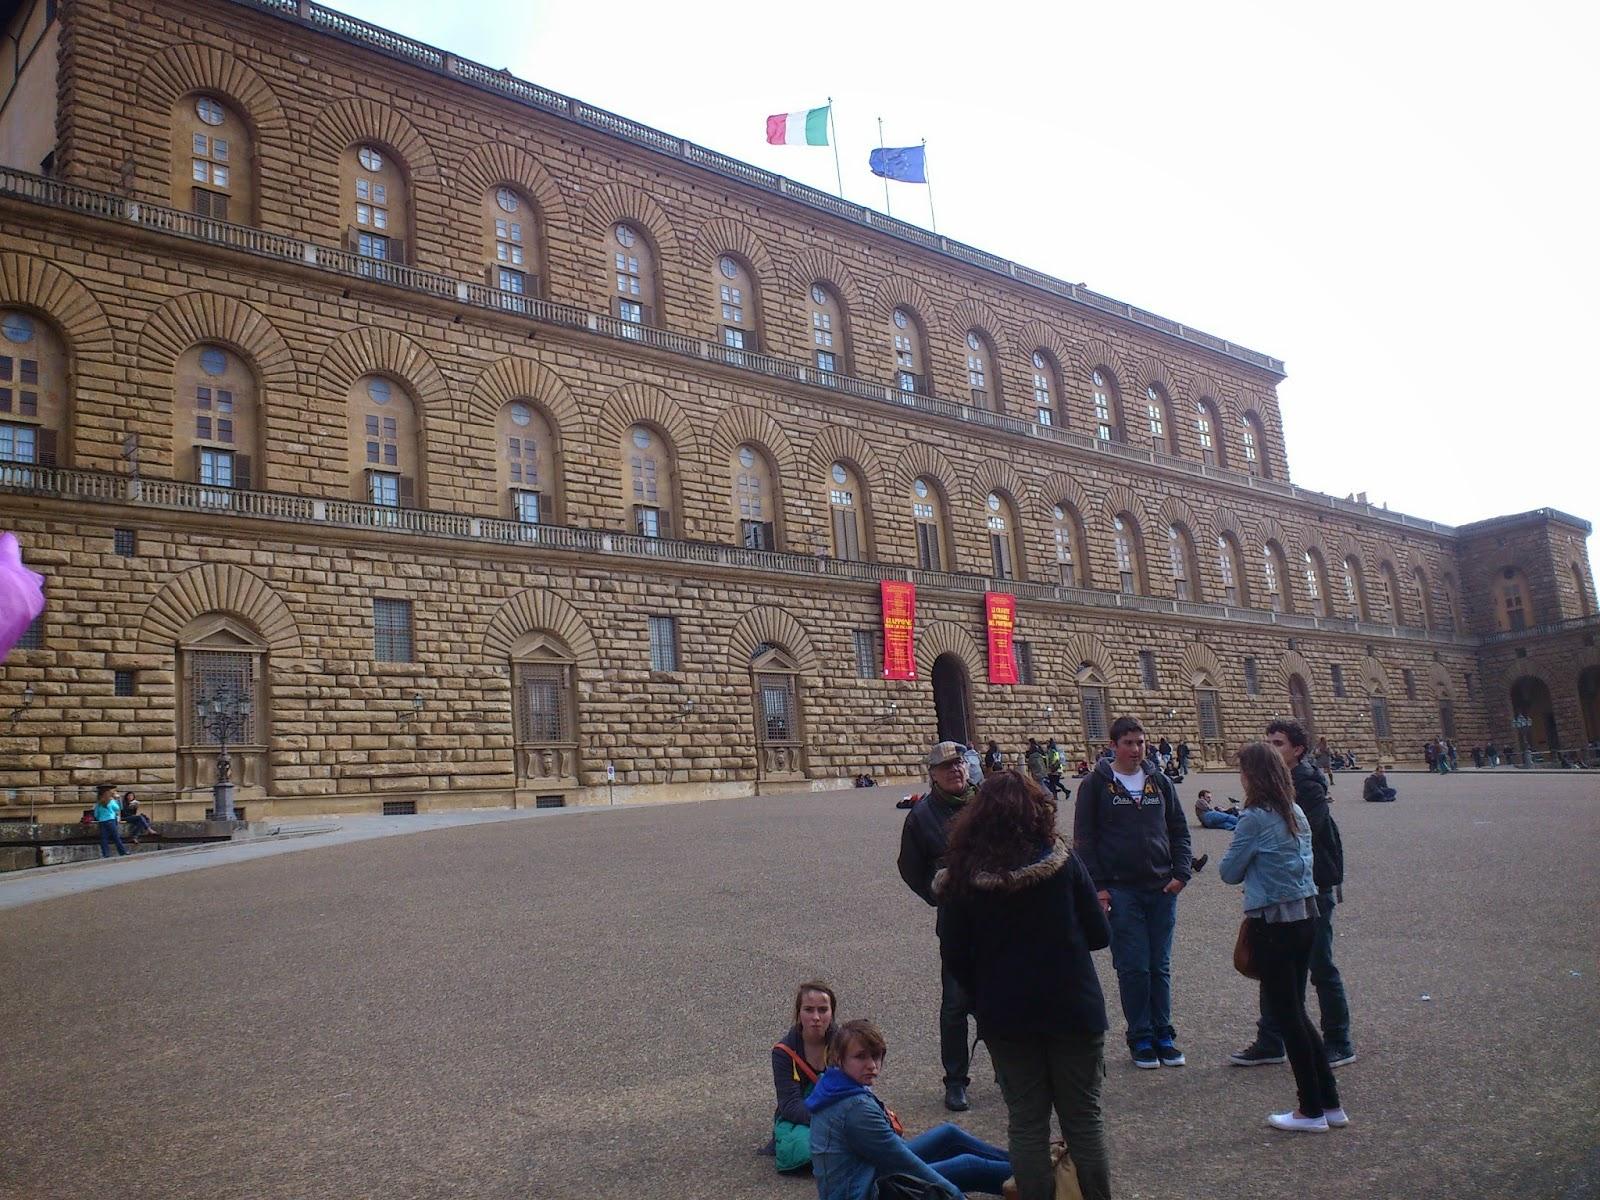 Palácio Pitti - Florença - Itália